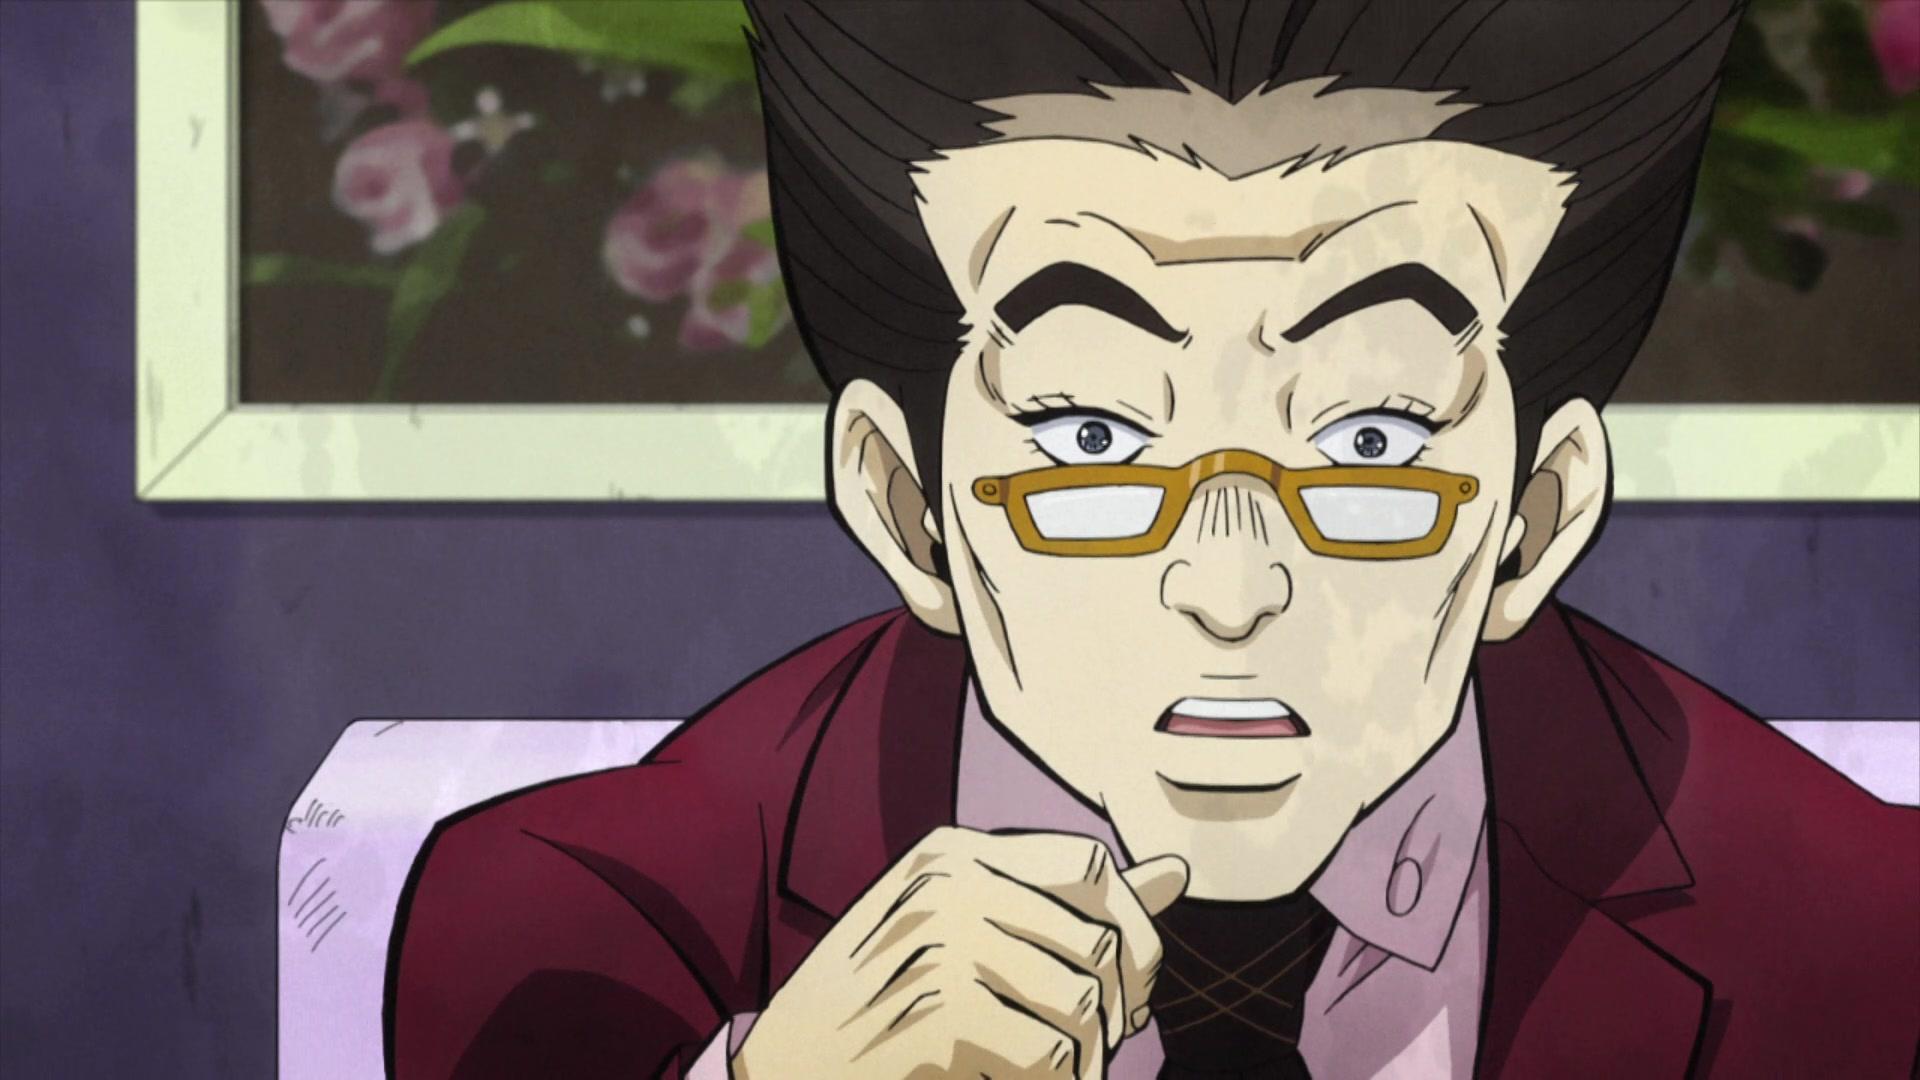 JoJo's Bizarre Adventure: Diamond is Unbreakable Episode 19